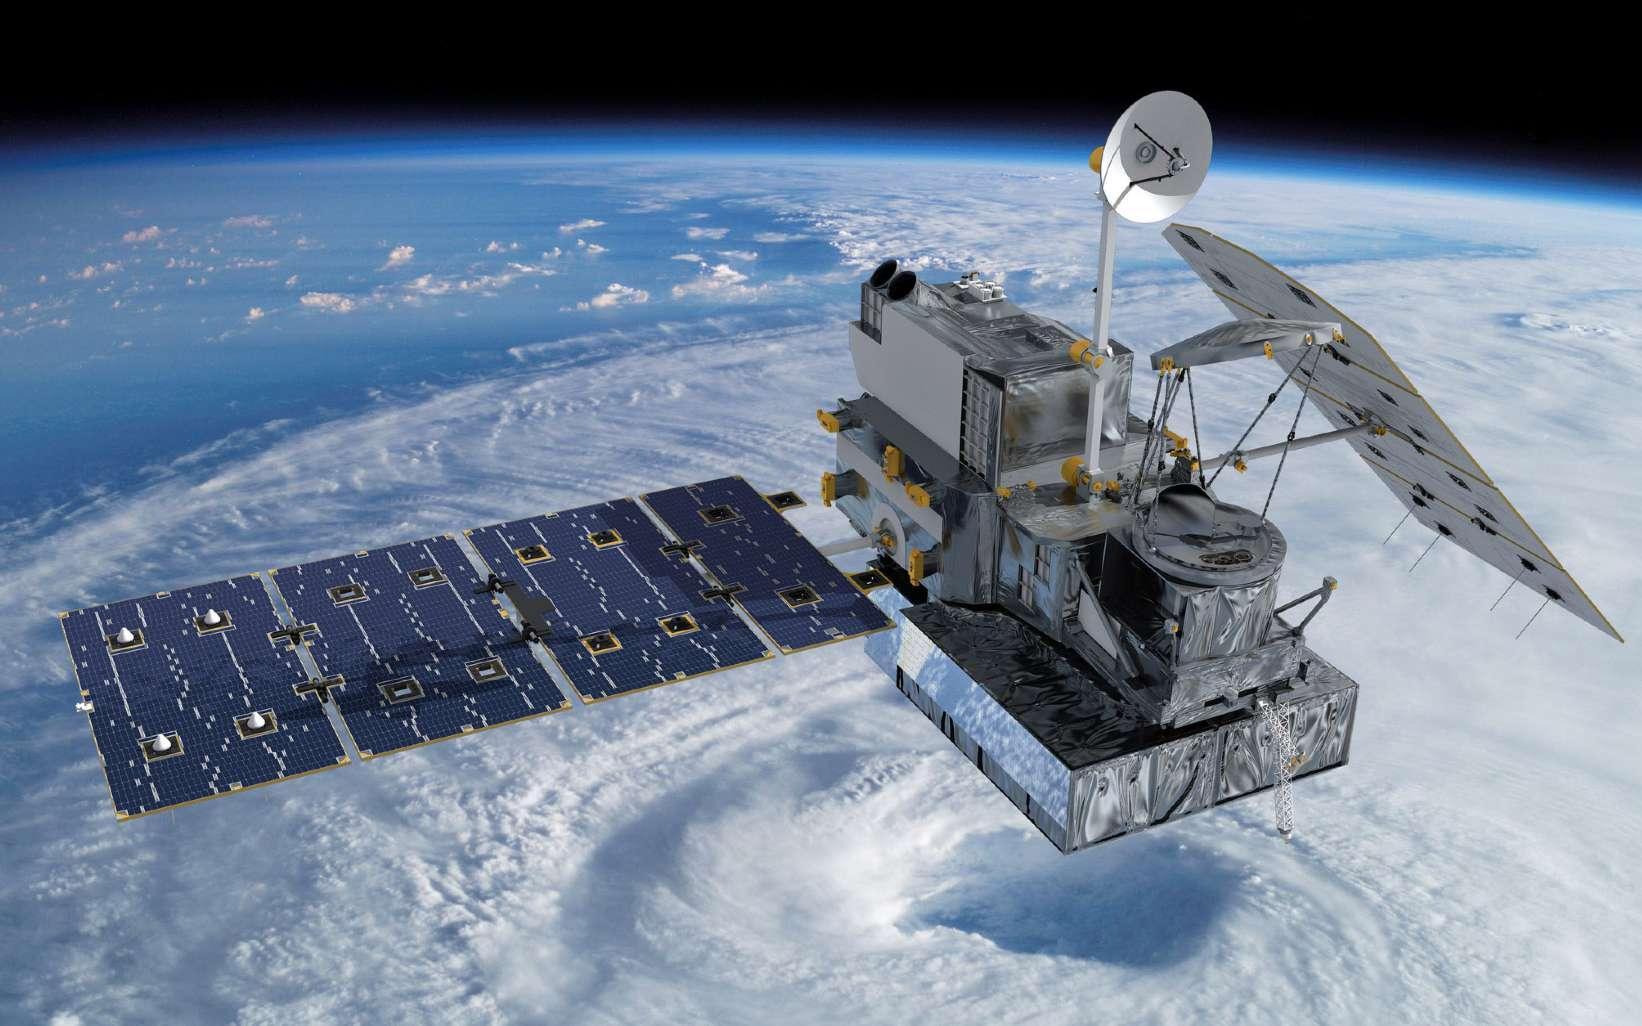 D'une masse au lancement de 3.850 kg, GPM Core Observatory sera capable de suivre les précipitations des zones qu'il survole, par observation radar et en micro-ondes. Avec d'autres satellites chargés de tâches semblables, il participera à l'étude de l'atmosphère et du climat terrestre. © Nasa